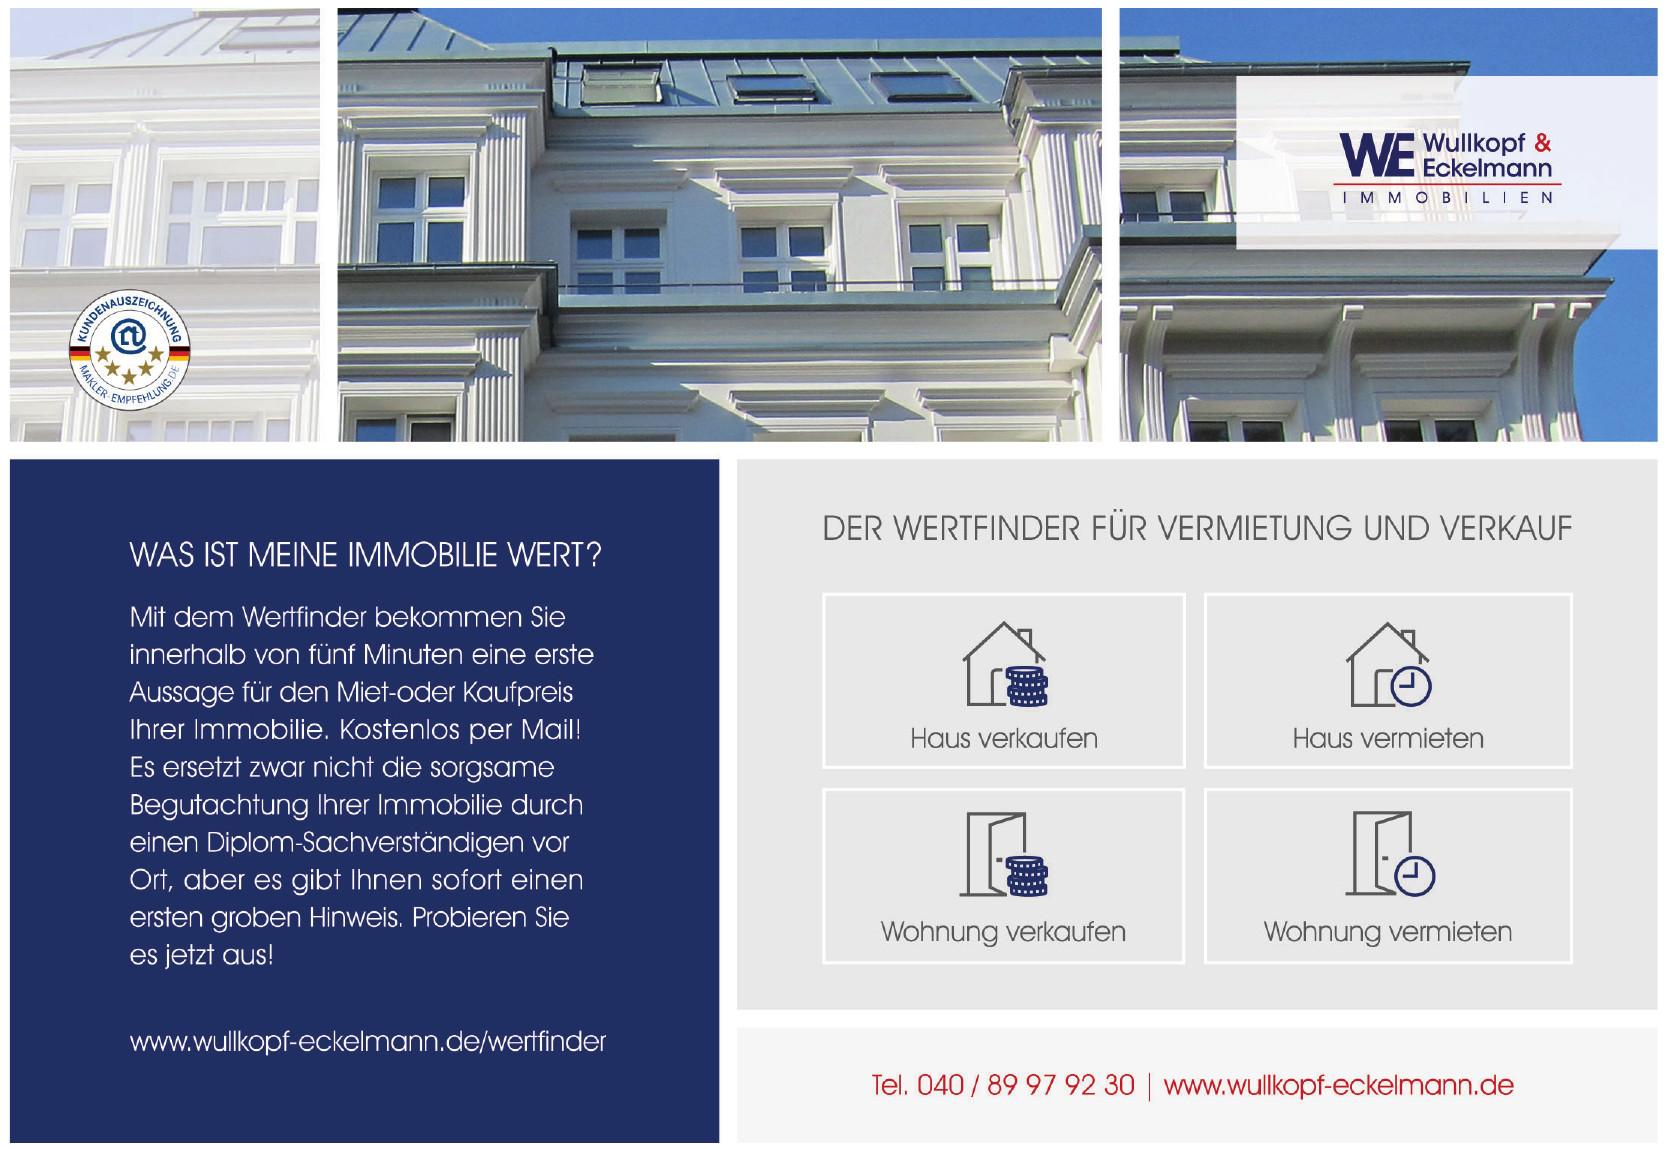 Wullkopf & Eckelmann Immobilien